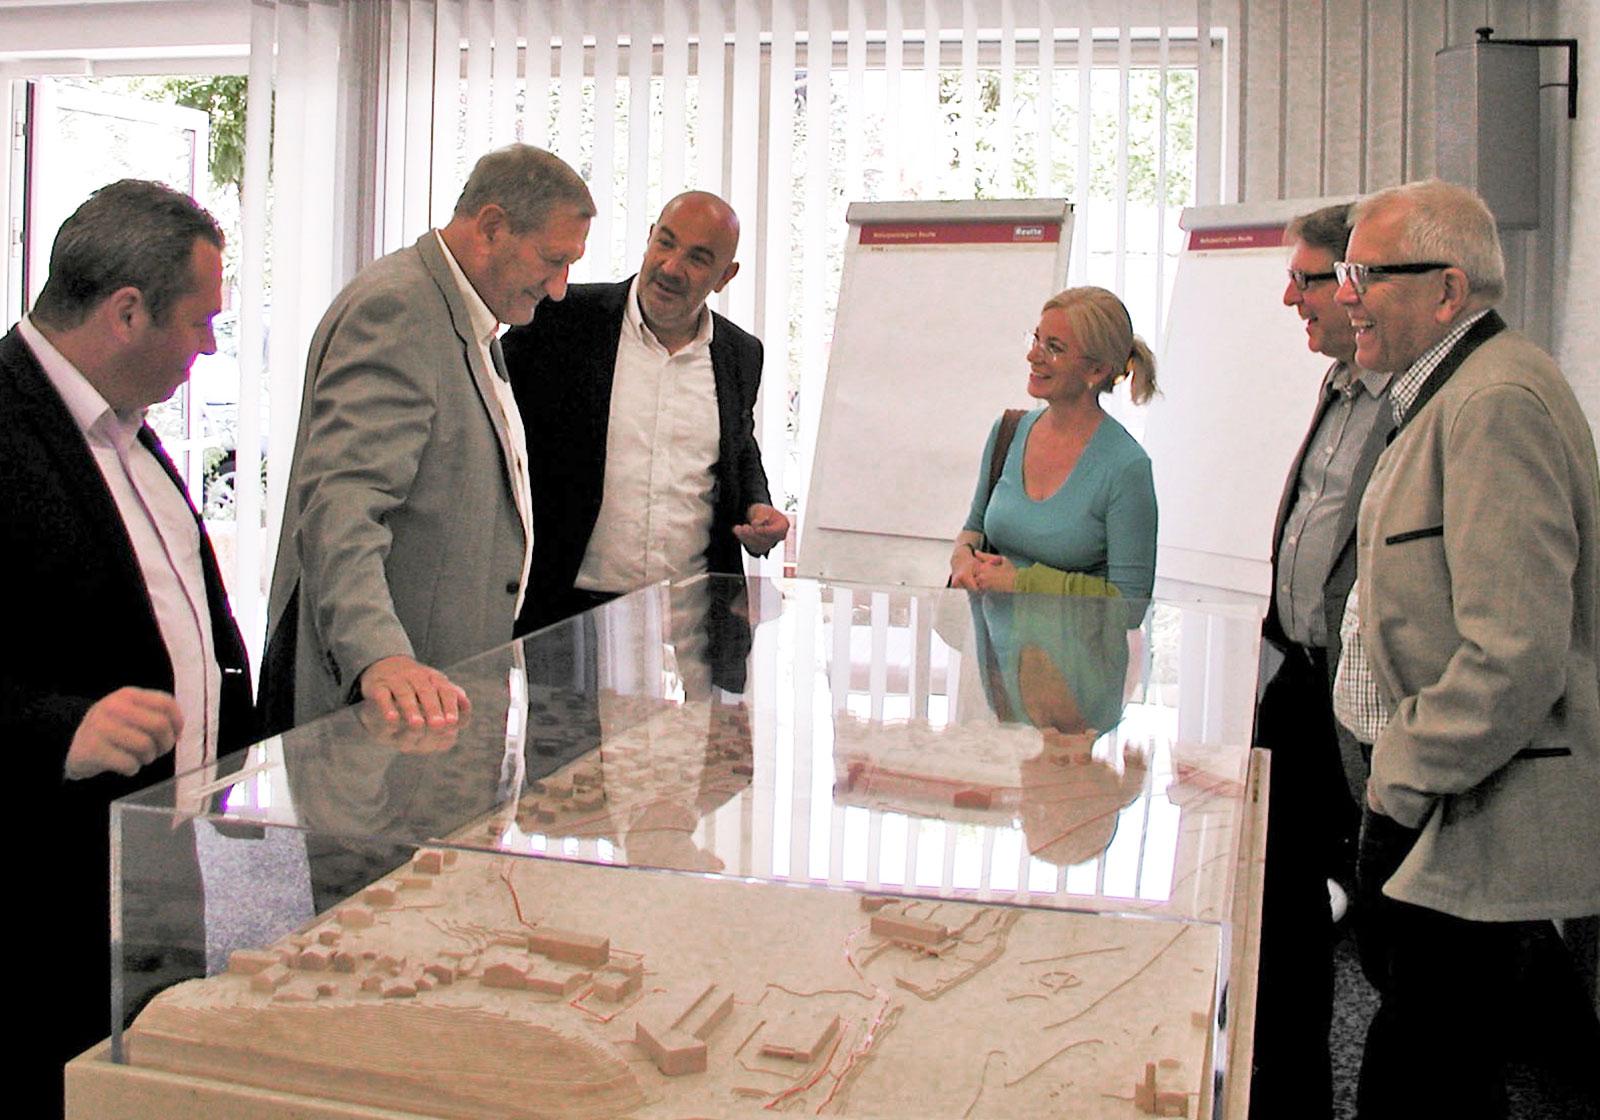 Vor dem Modell des neuen Ortsteiles (v.l.n.r.): Manuel Geiger, Arcus; Dionys Lehner, Linz Textil; Gerhard Greiter, Redserve; Frau Lehner; Thomas Oberhofer, Redserve; Manfred Kubera. Foto: ATP